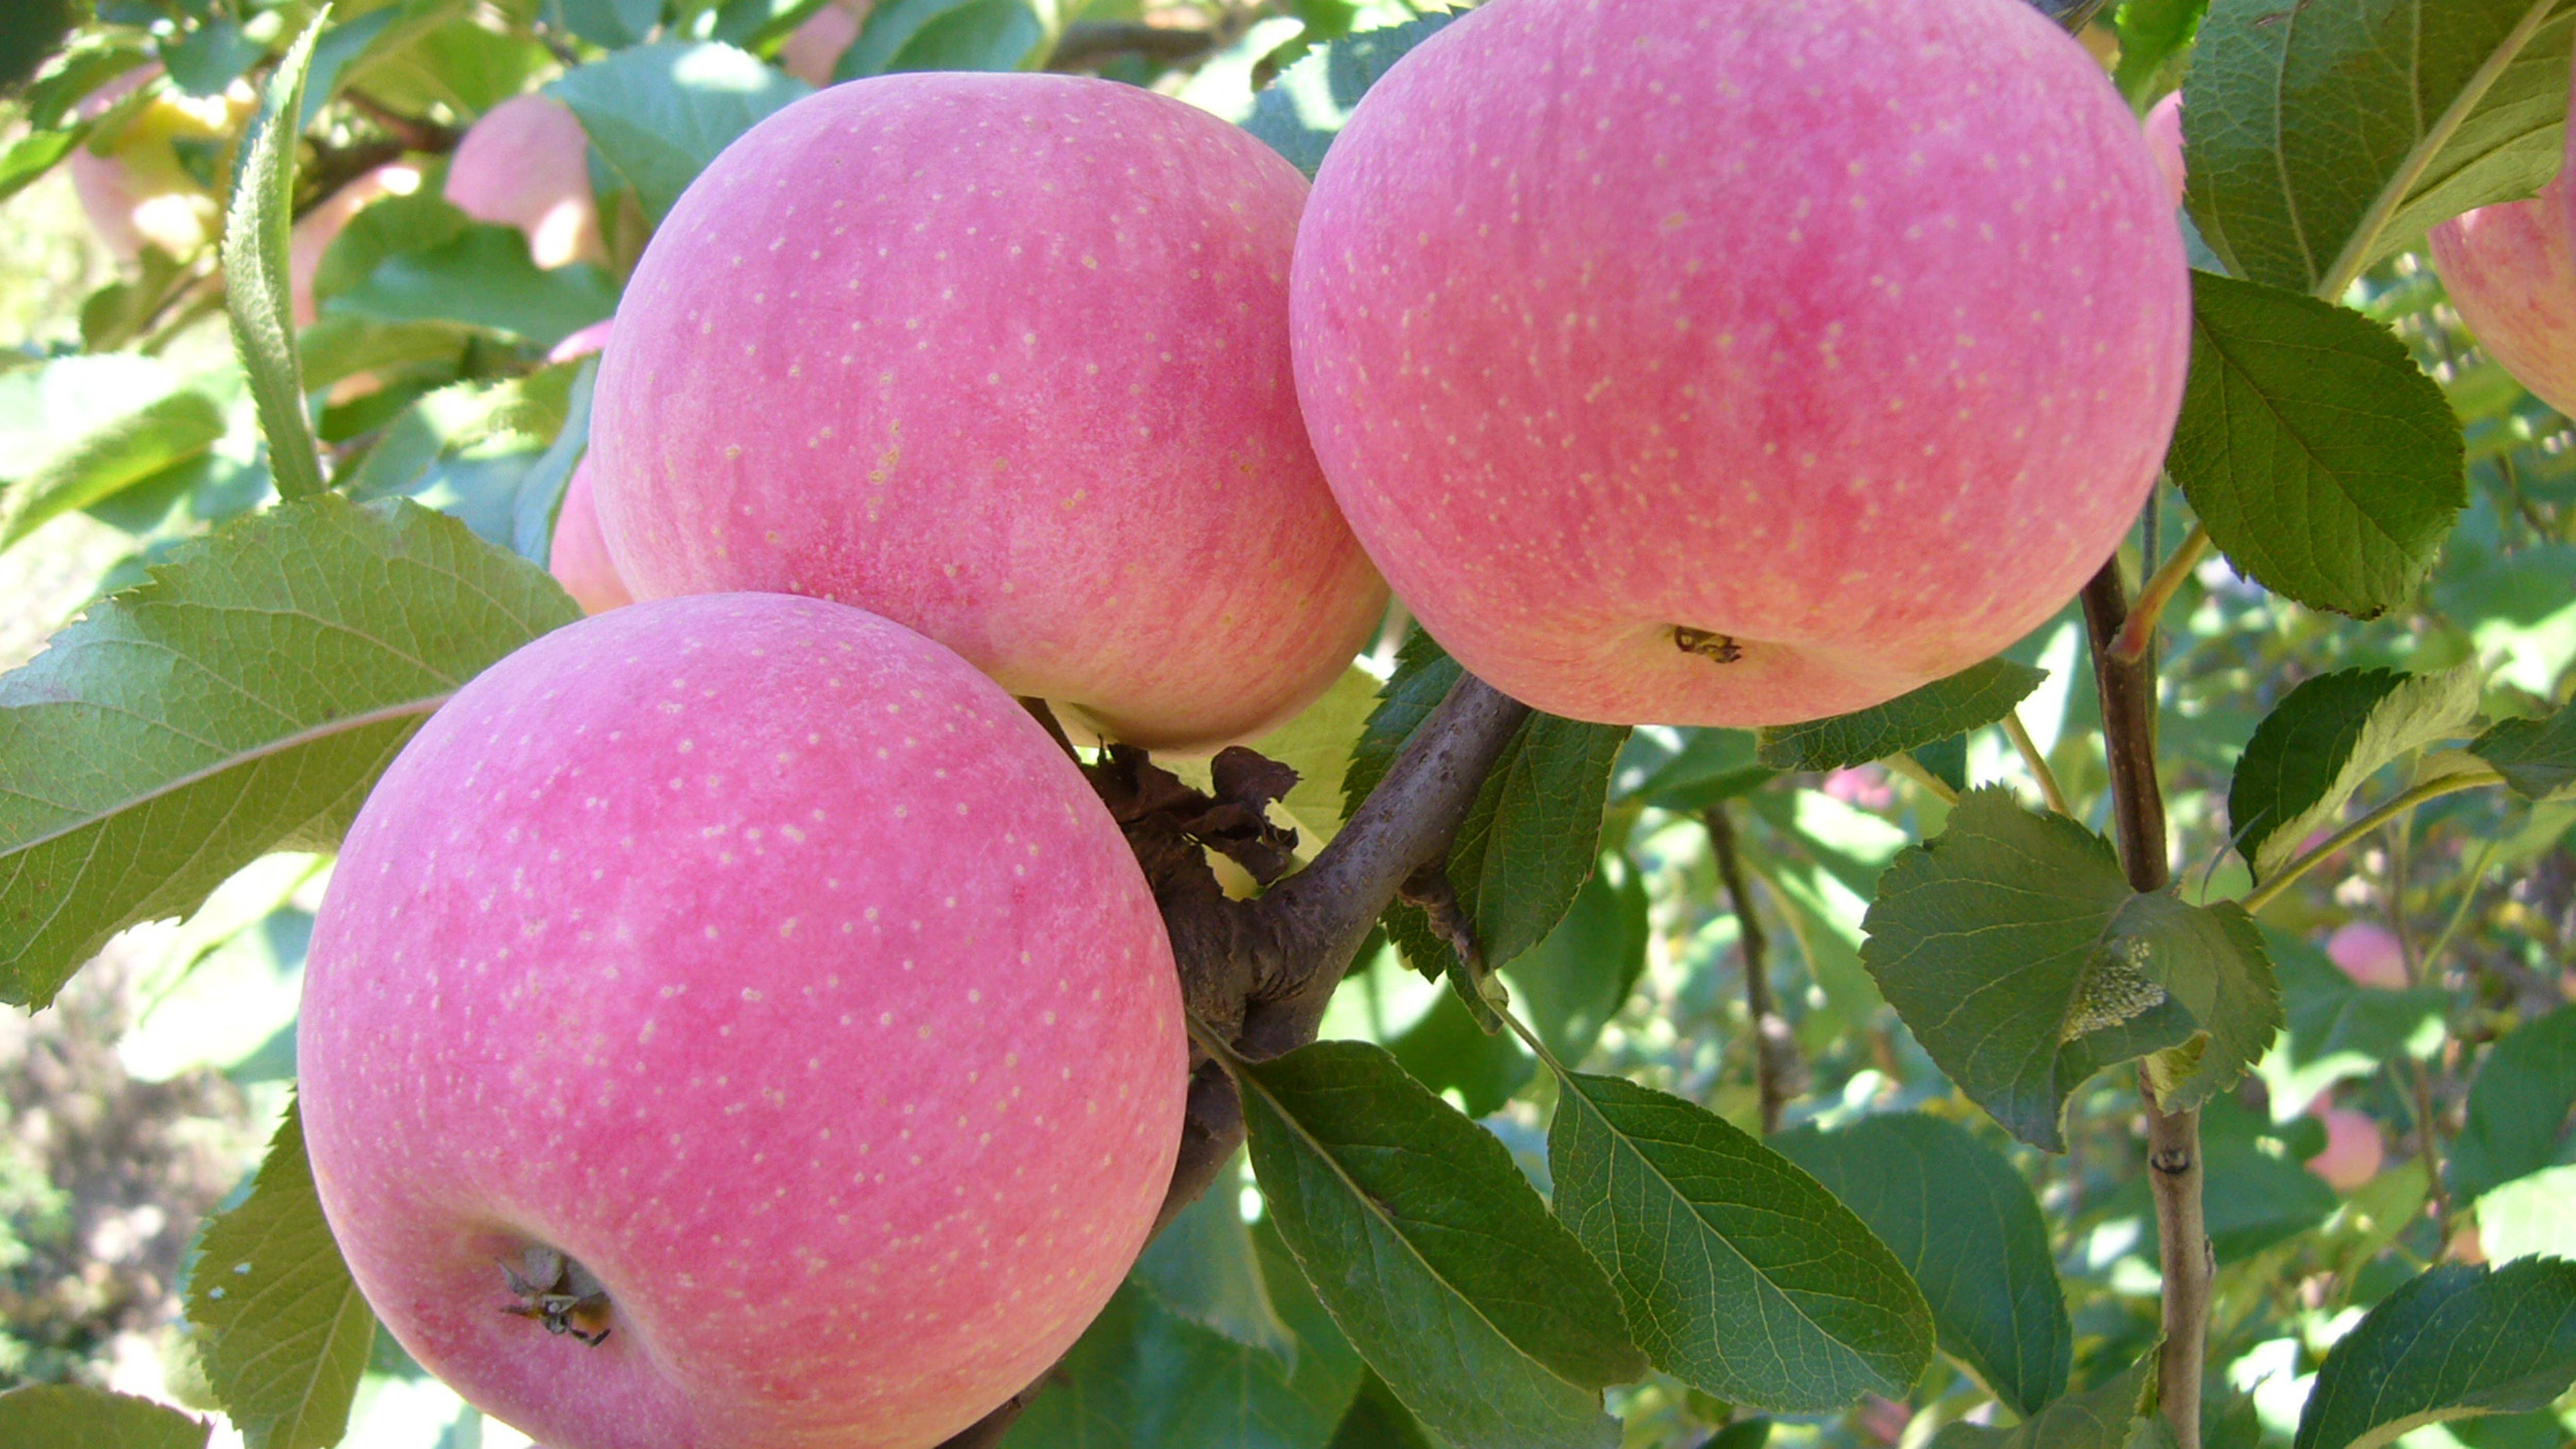 心理测试:口渴时你会摘哪个苹果吃?测你最近有什么好事要来了  第3张